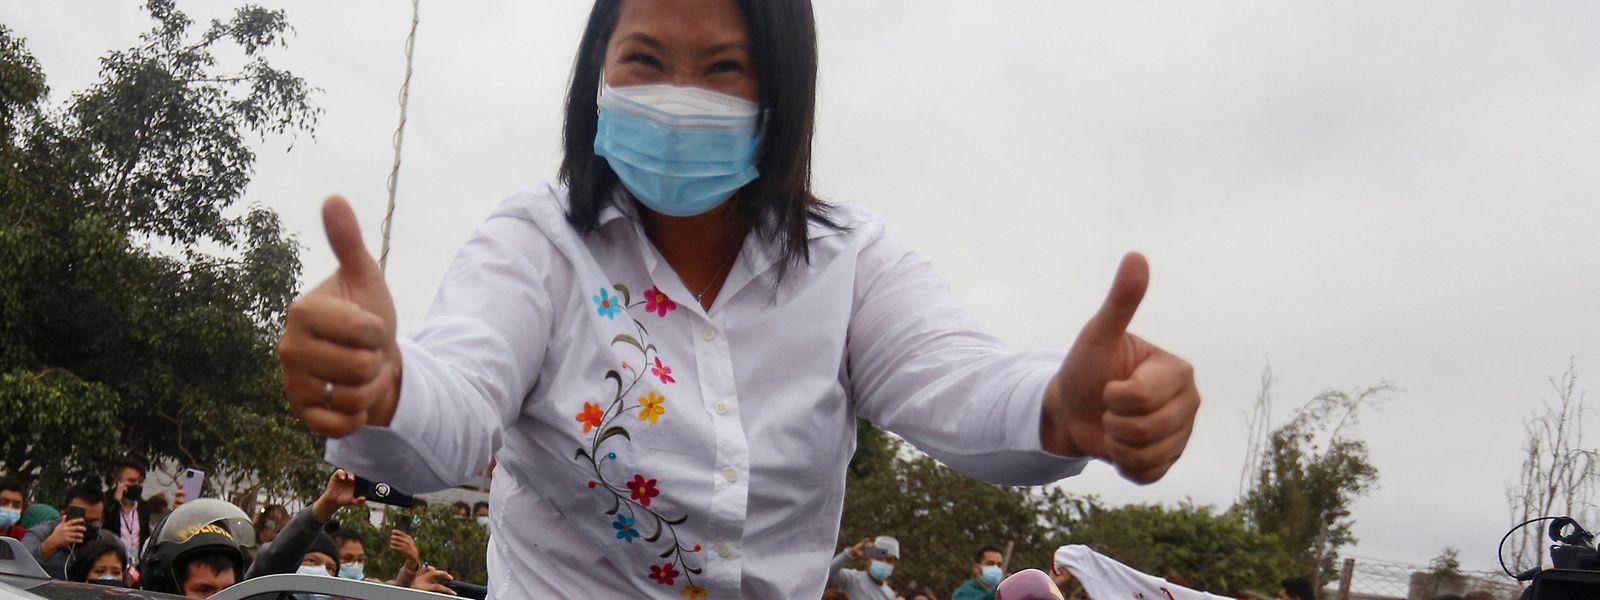 Keiko Fujimori liegt nach Auszählung von 92 Prozent der Stimmen hauchdünn vor ihrem Mitbewerber Pedro Castillo.